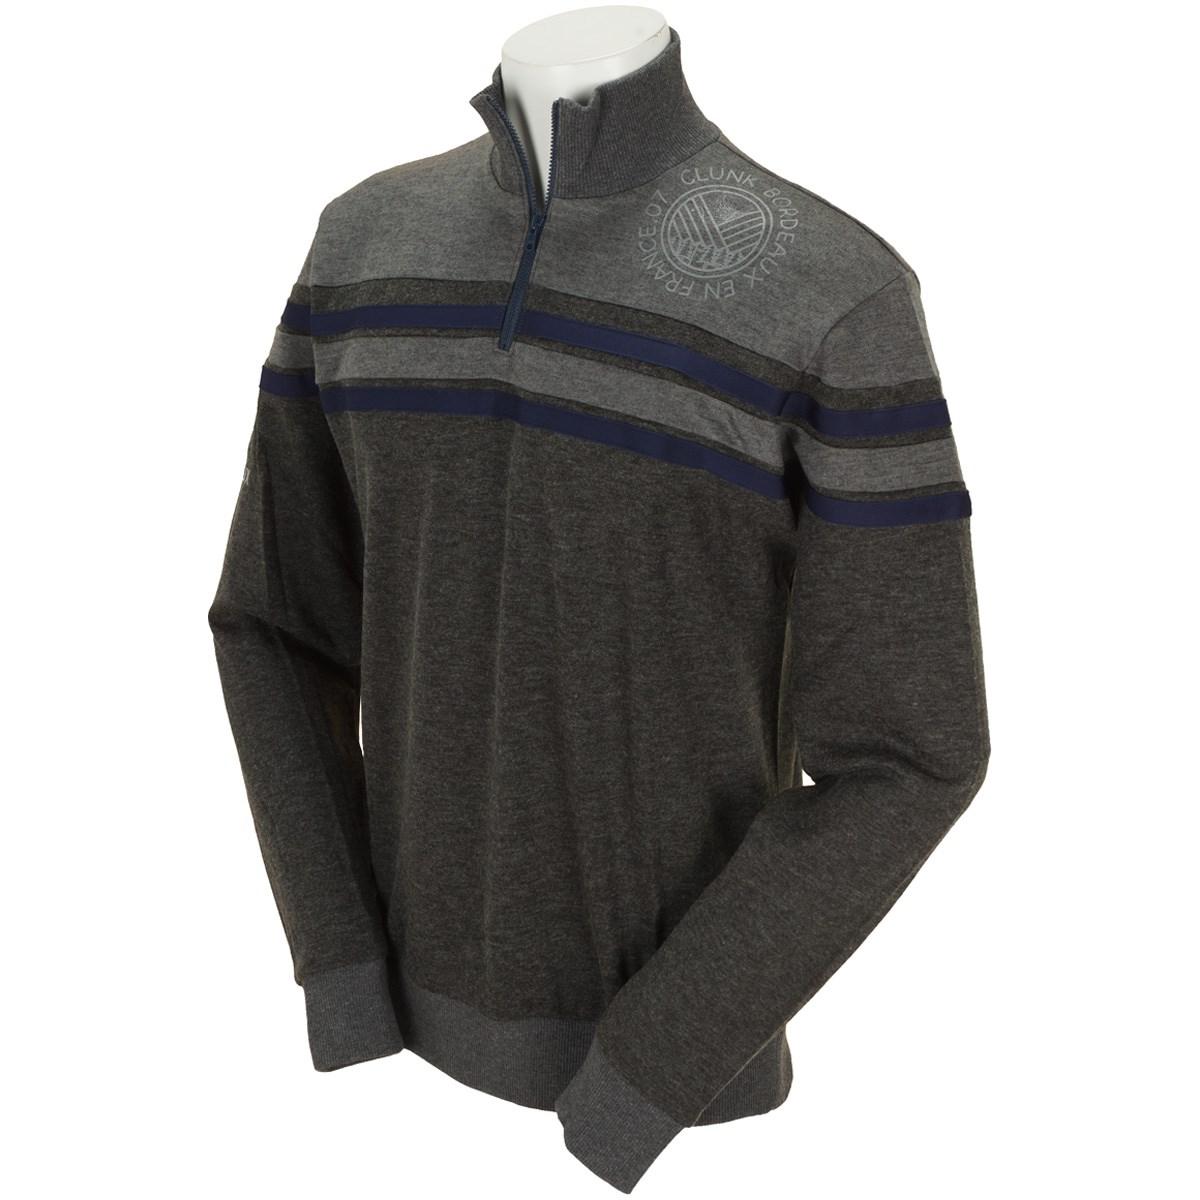 クランク(Clunk) ウールセーター